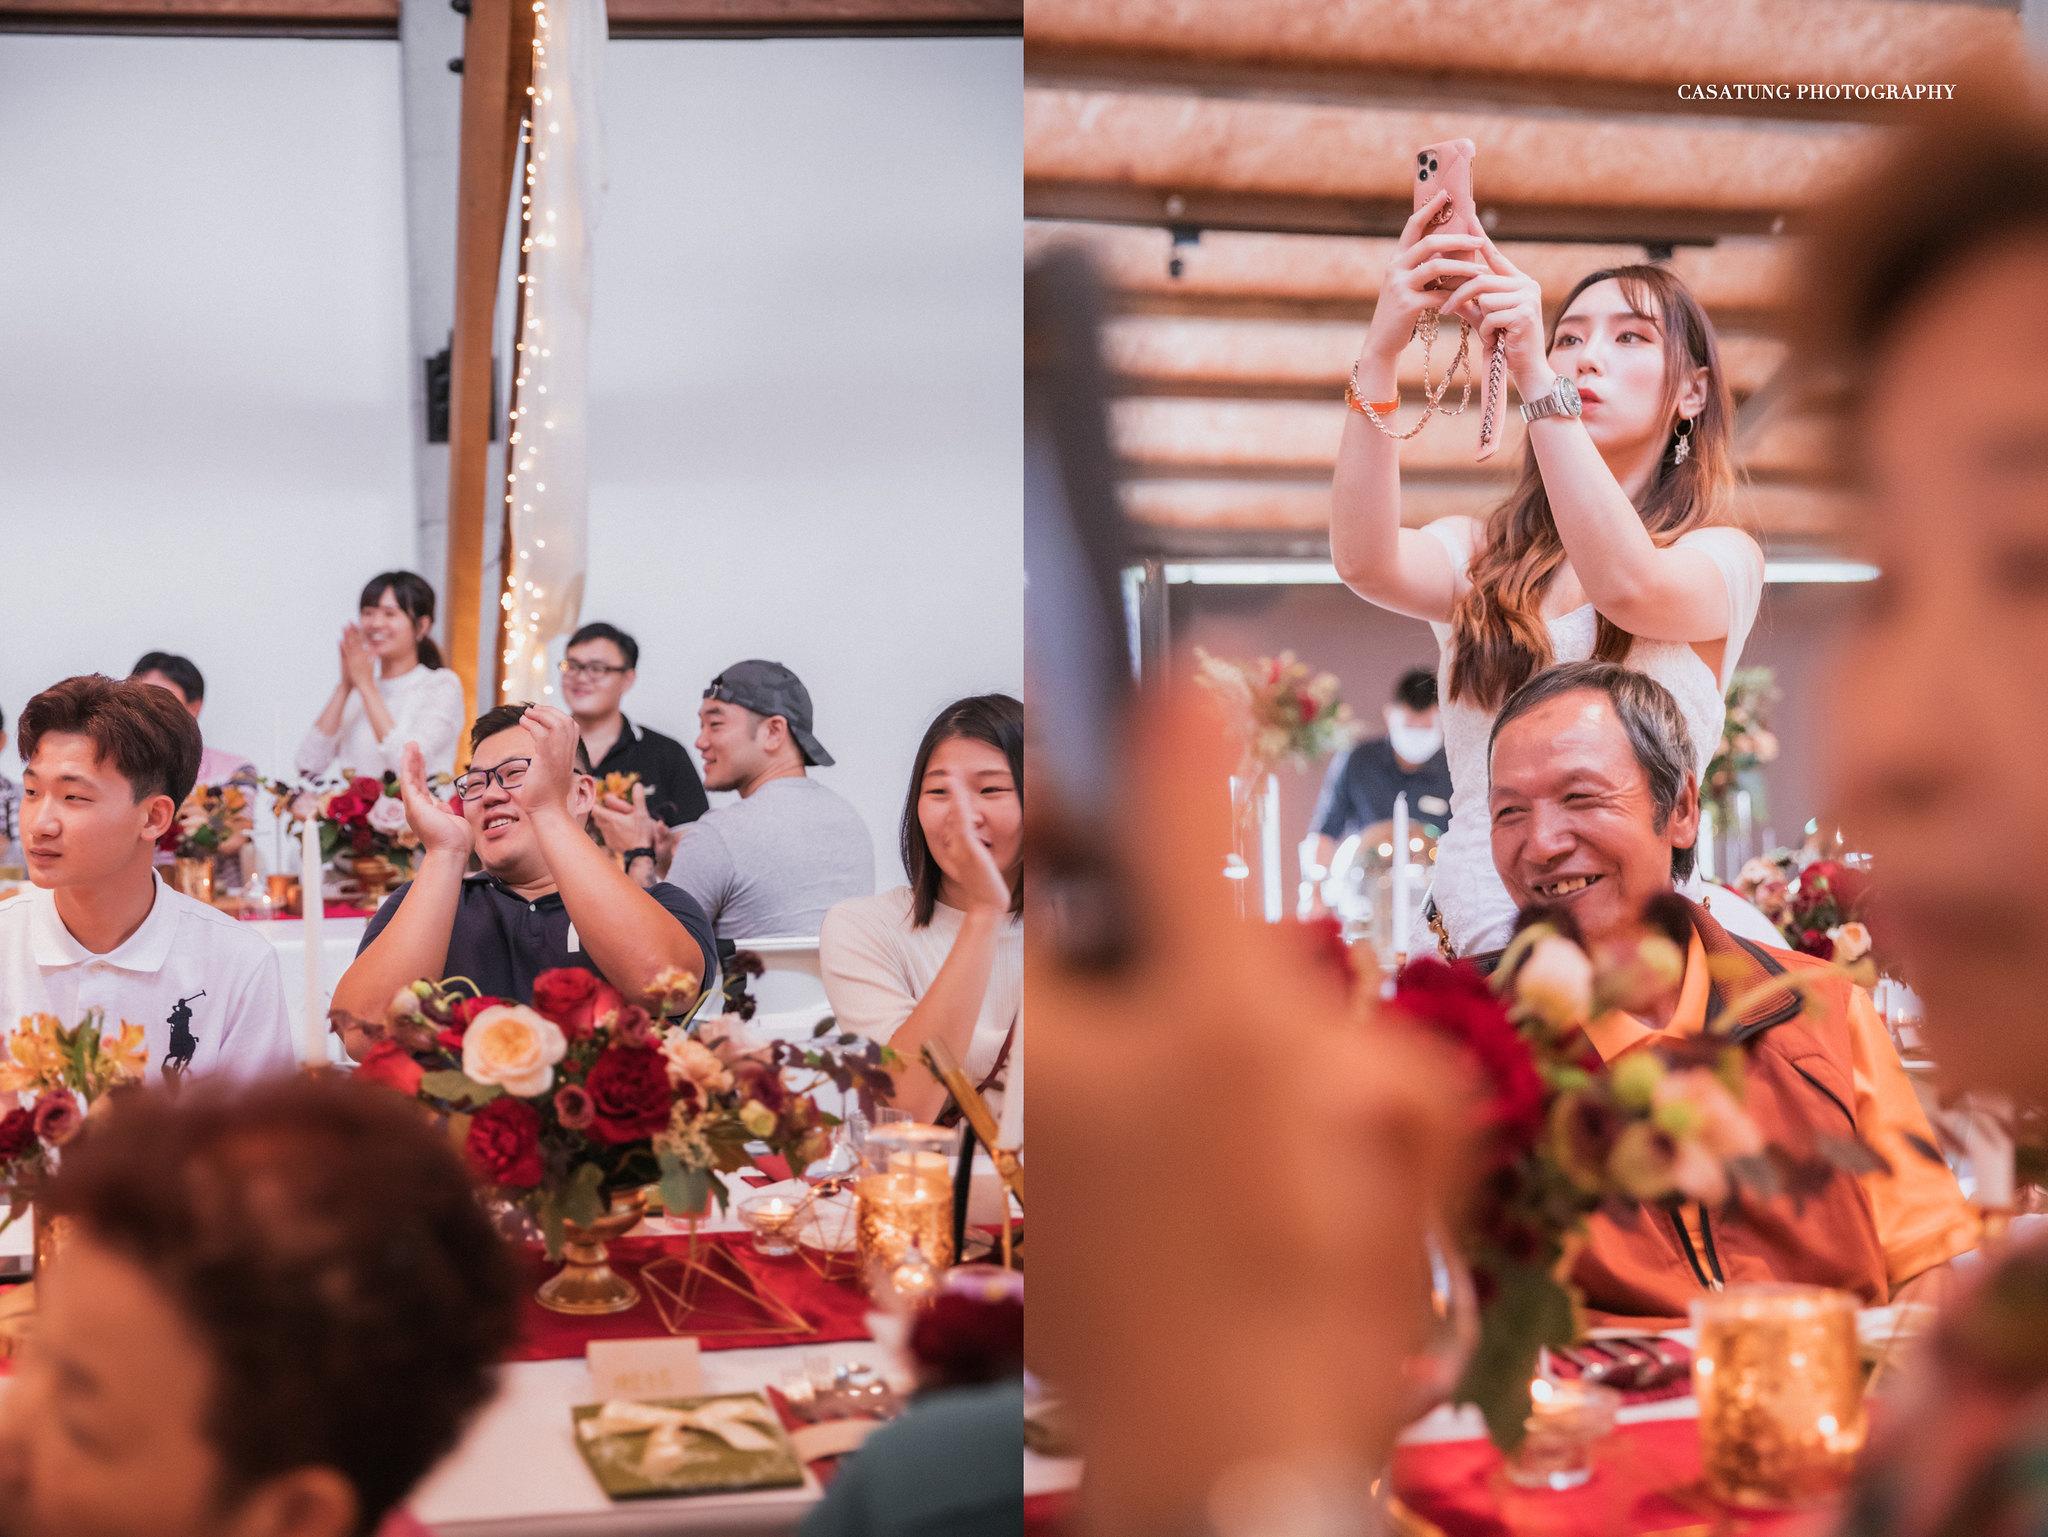 顏氏牧場婚禮,台中婚攝casa,旋轉木馬-86